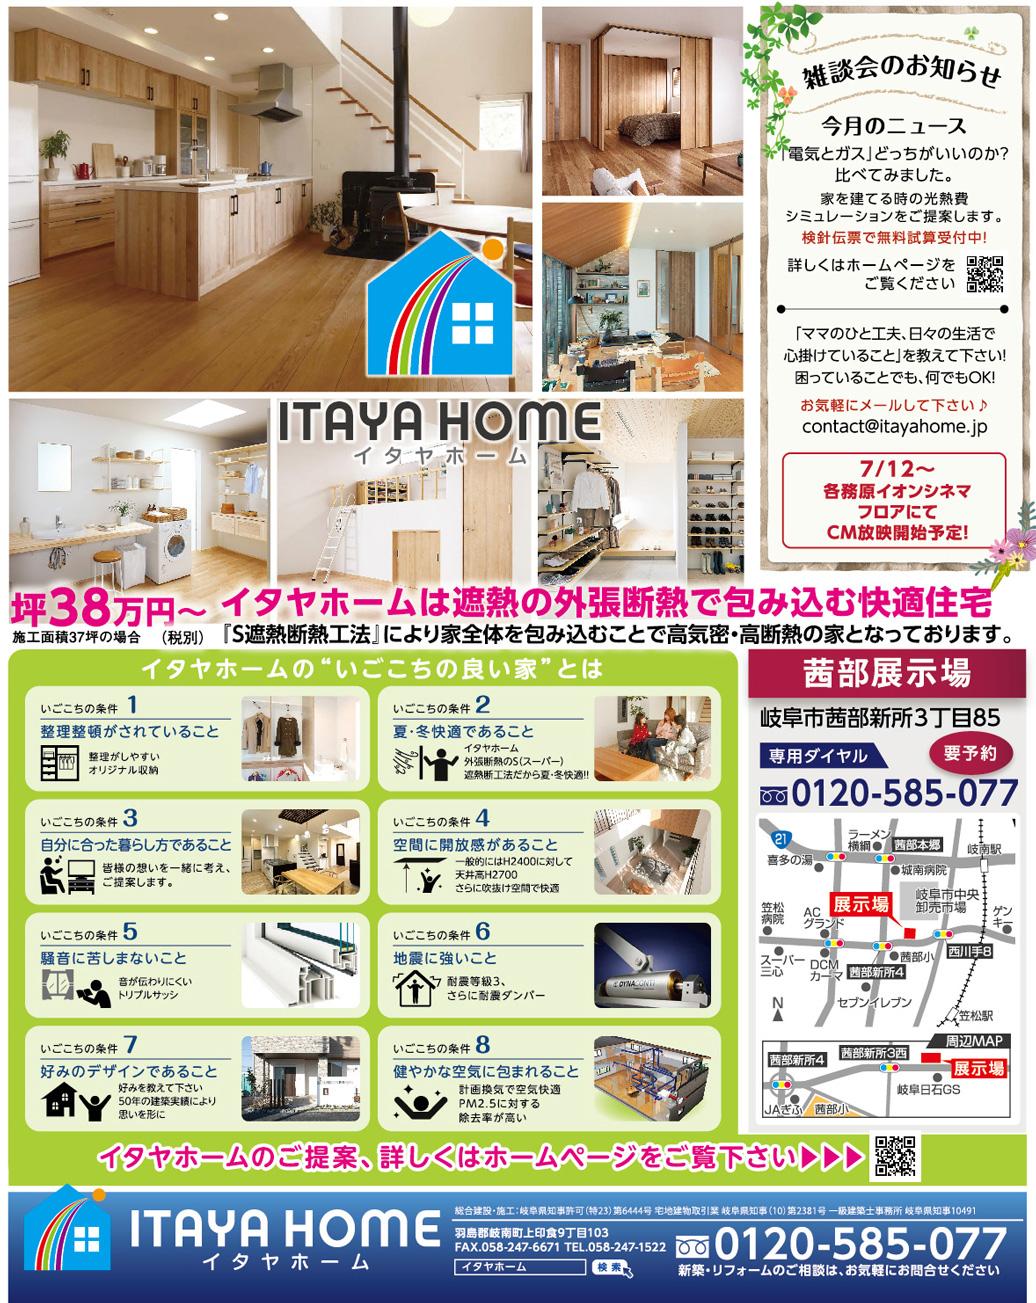 岐阜市茜部にある注文住宅展示場で、イタヤホームが開催する「いごこち体験会」のチラシ画像。開催日時:毎週土日・祝日、開催時間10時から17時。